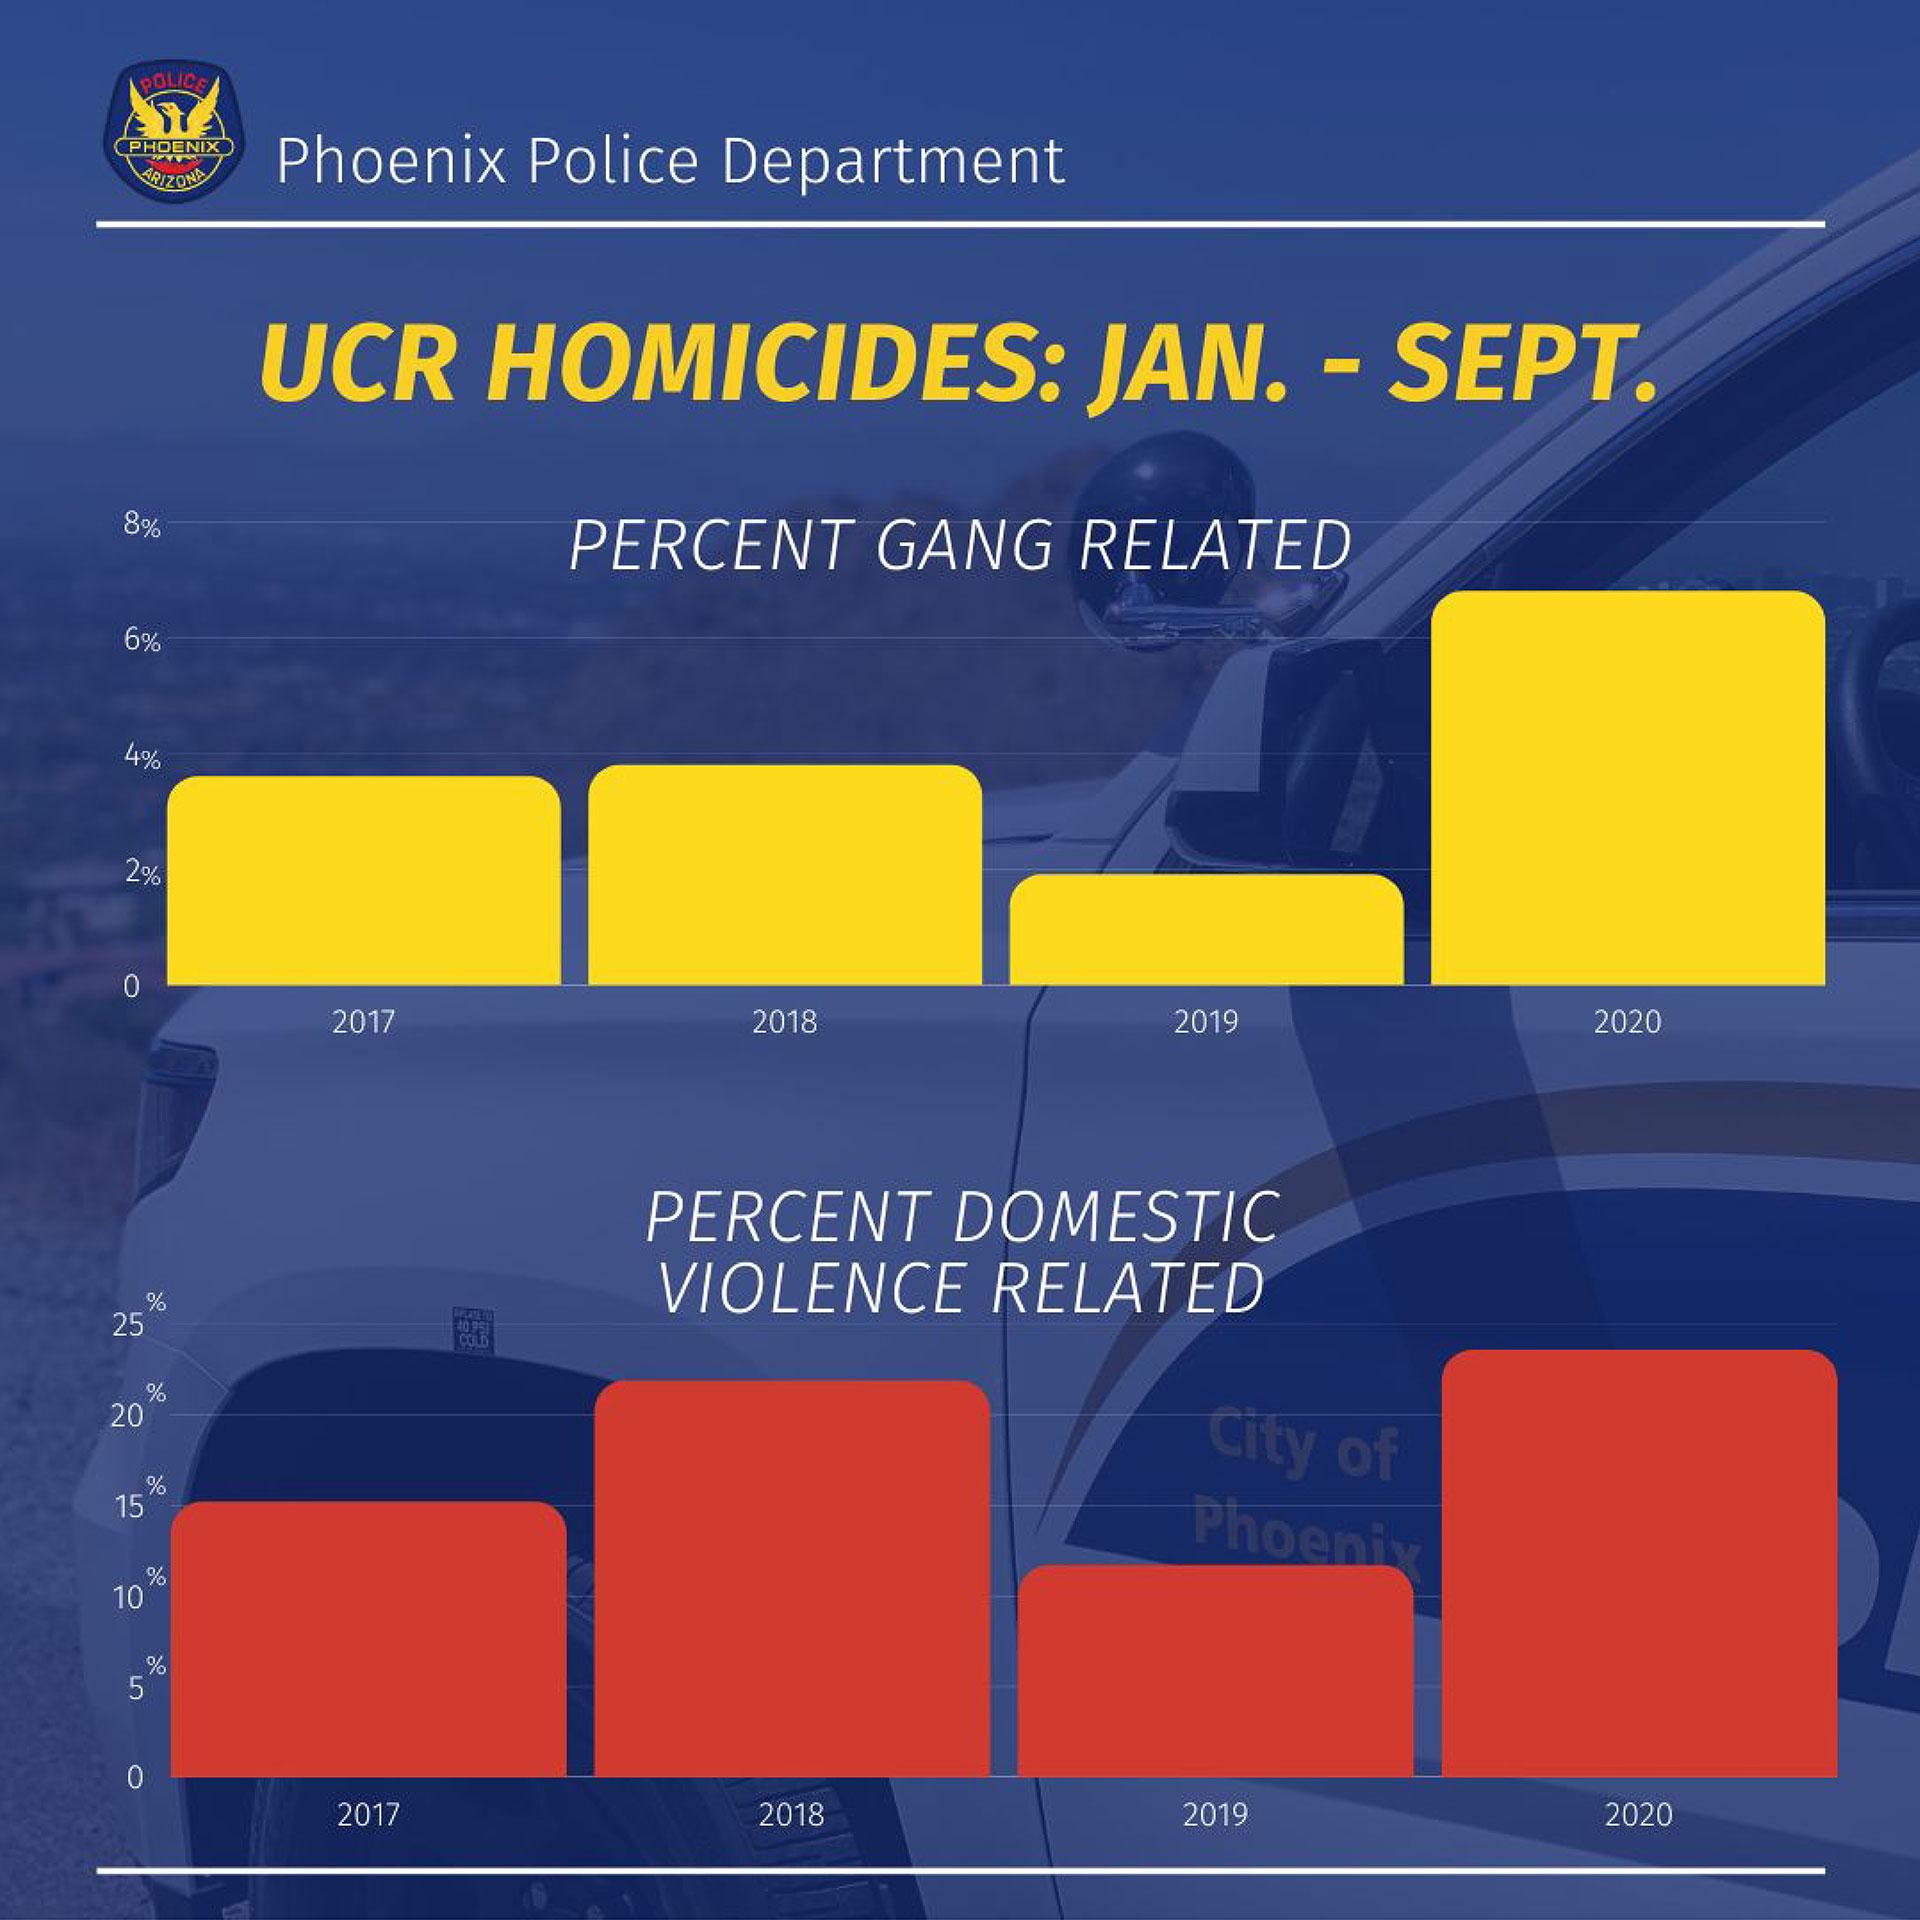 UCR Homicides Jan-Sept 2020